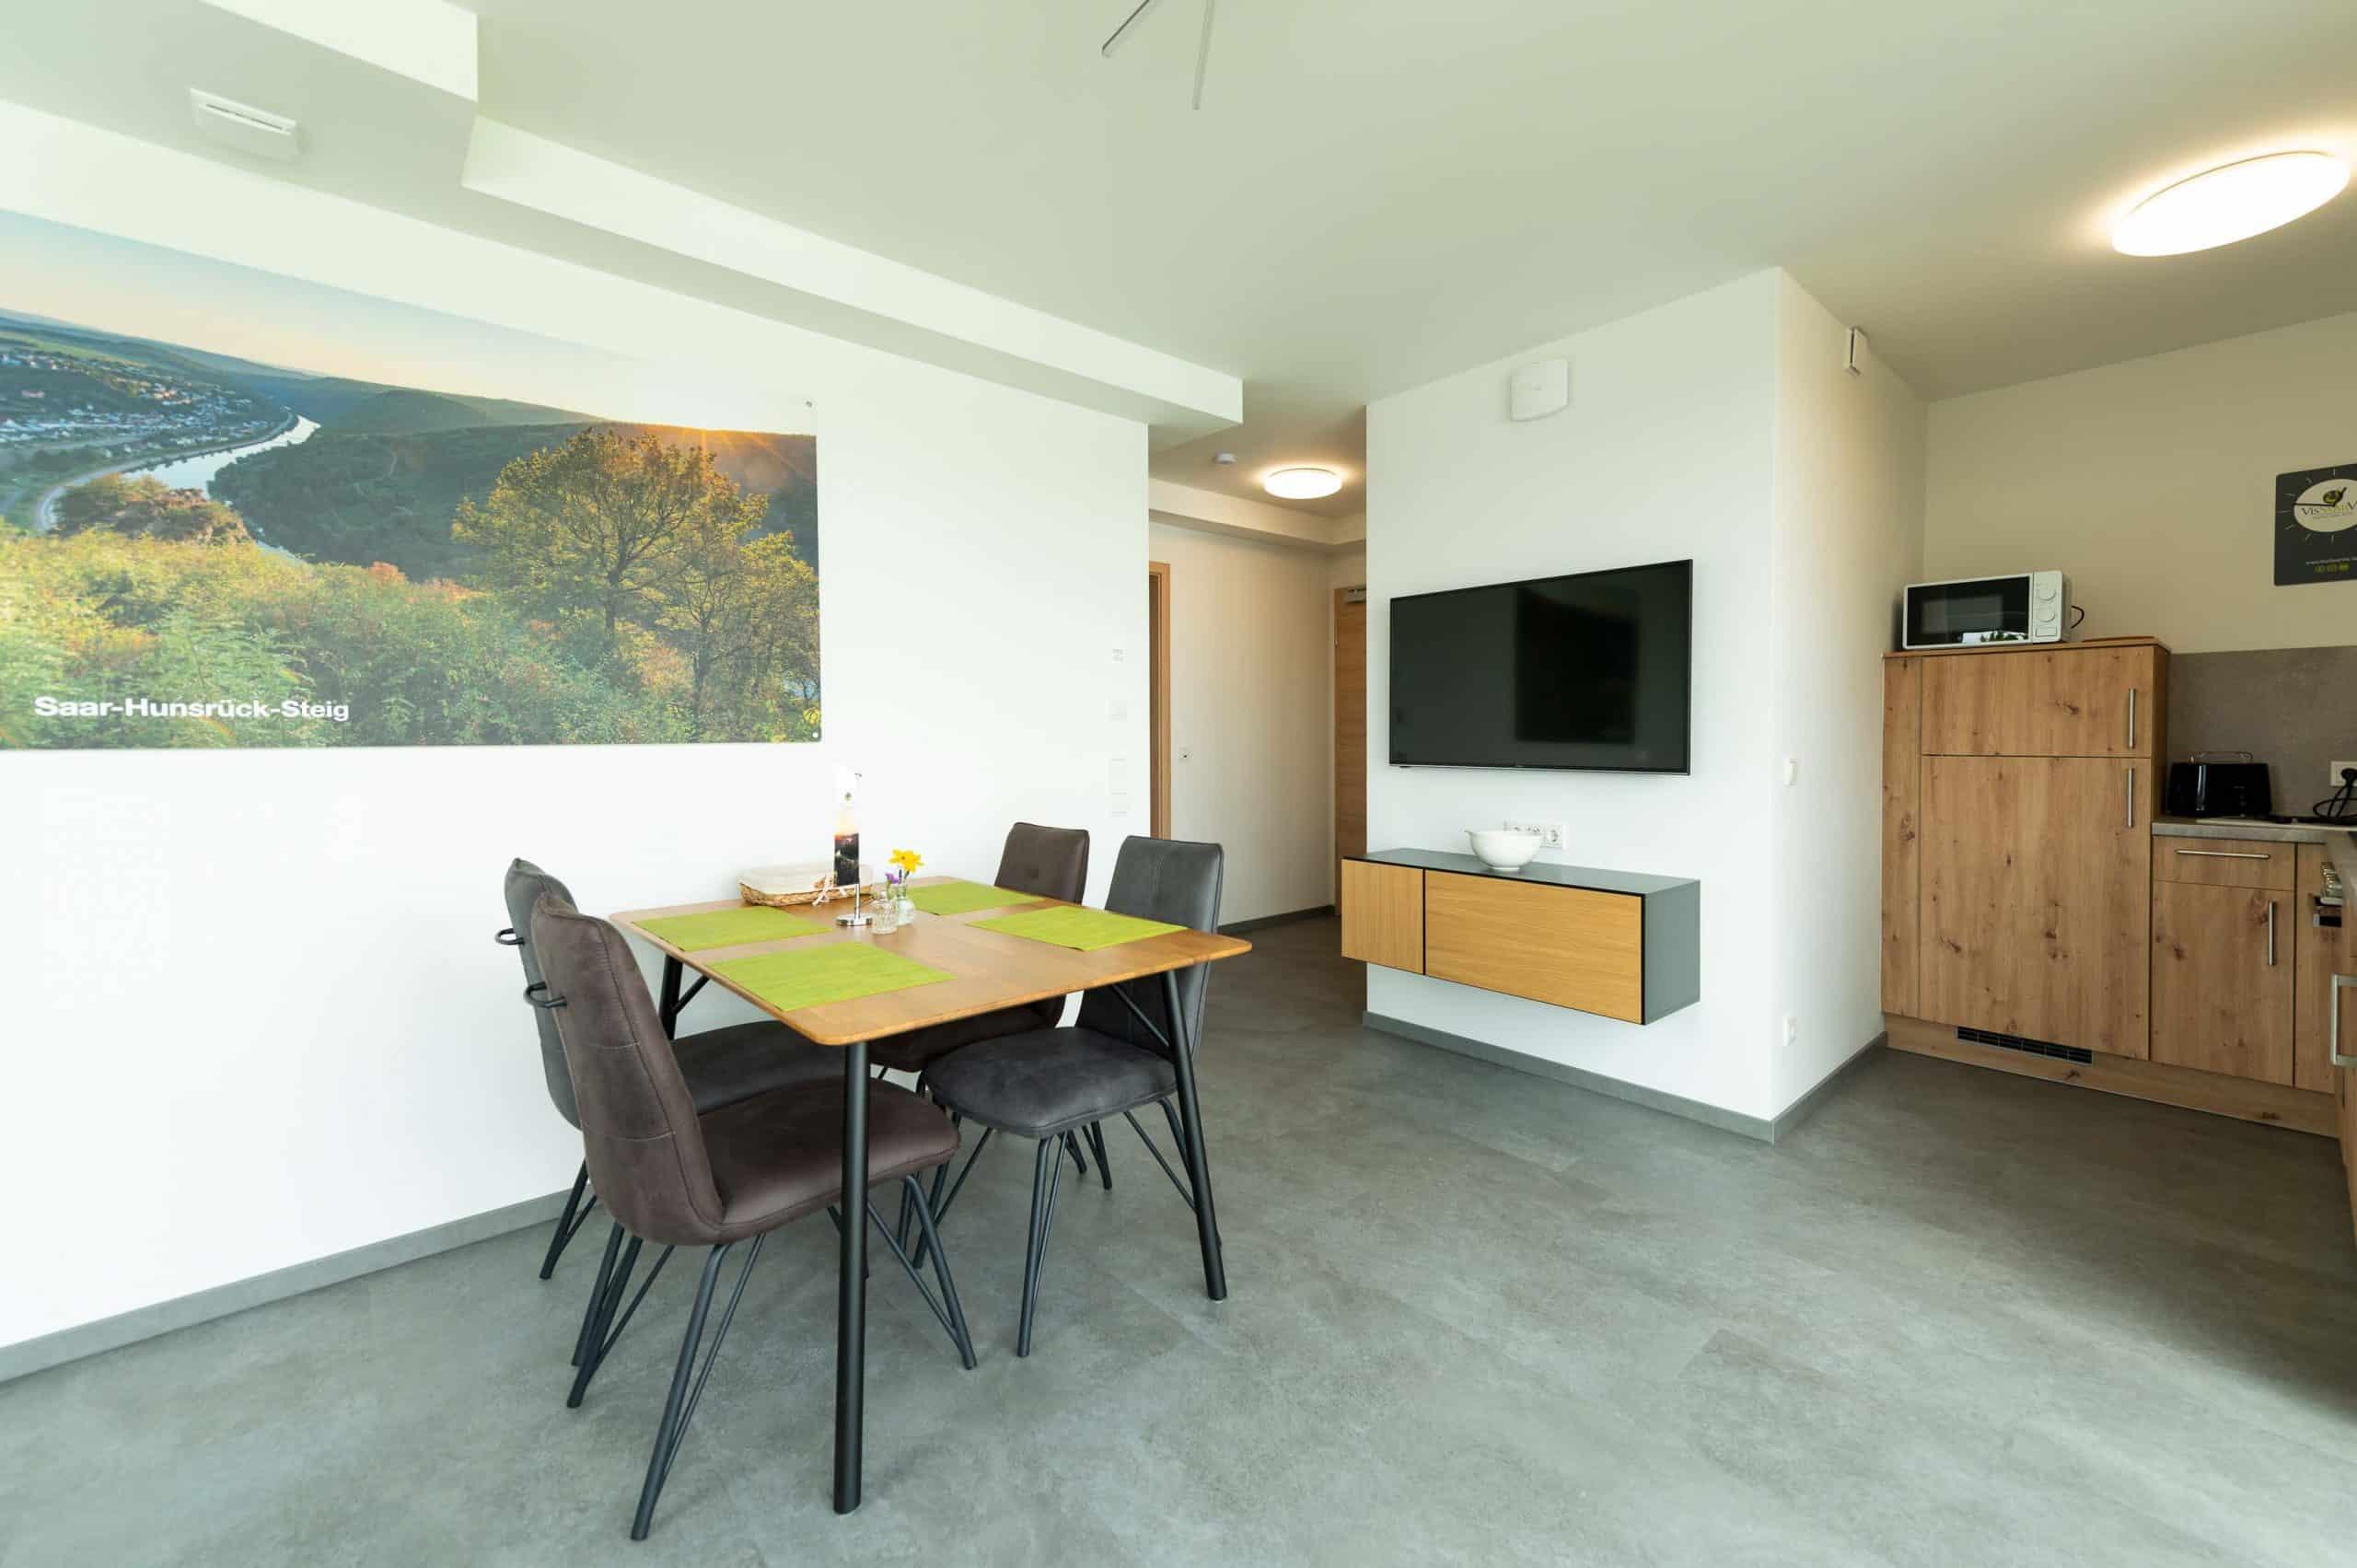 appartement-saar-hunsrück-steig-essbereich-kueche